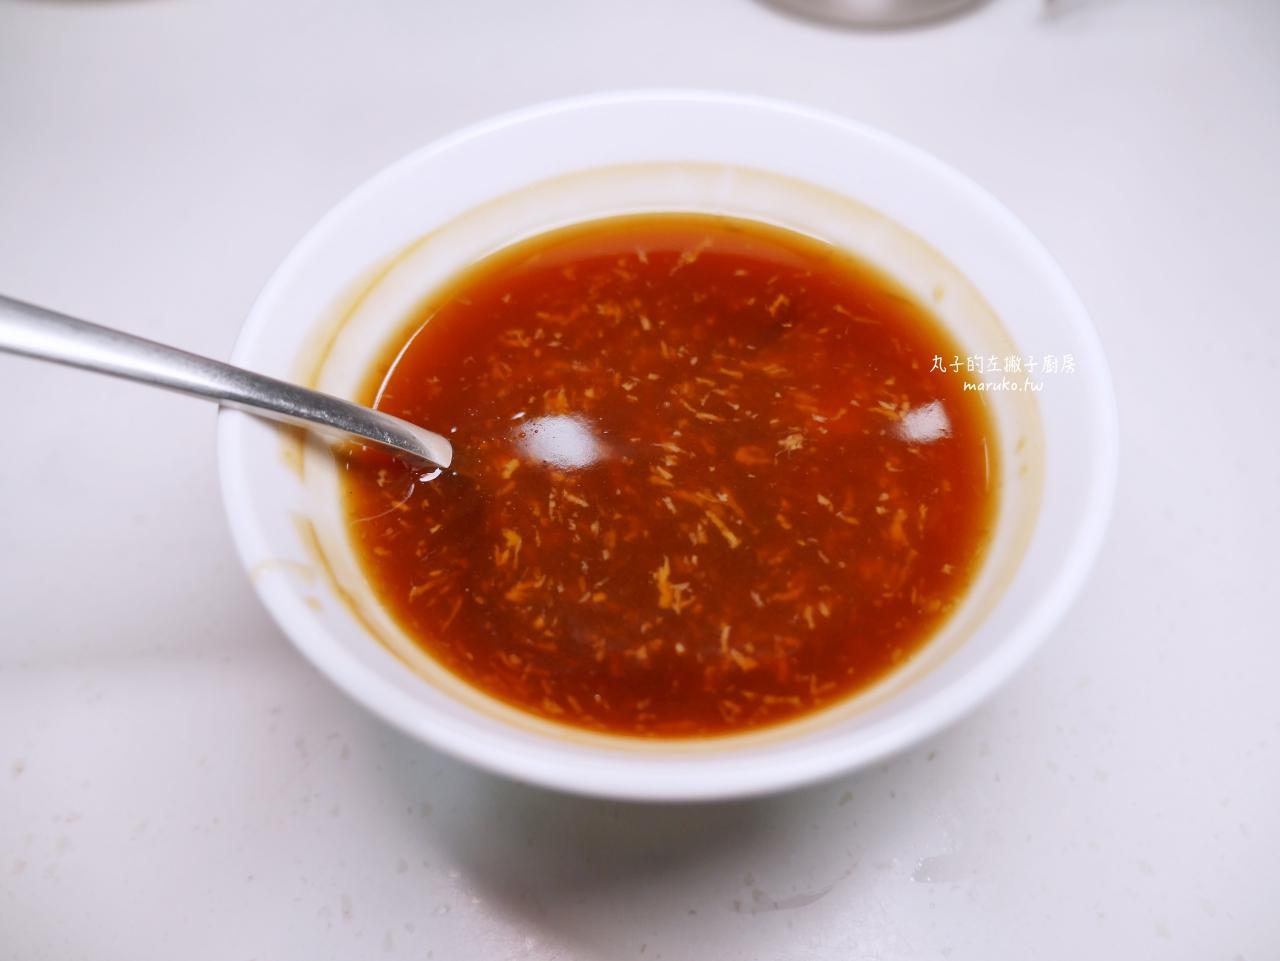 【食譜】雞肉飯 古早味蒜蓉醬雞肉飯 百搭醬汁做法 @Maruko與美食有個約會